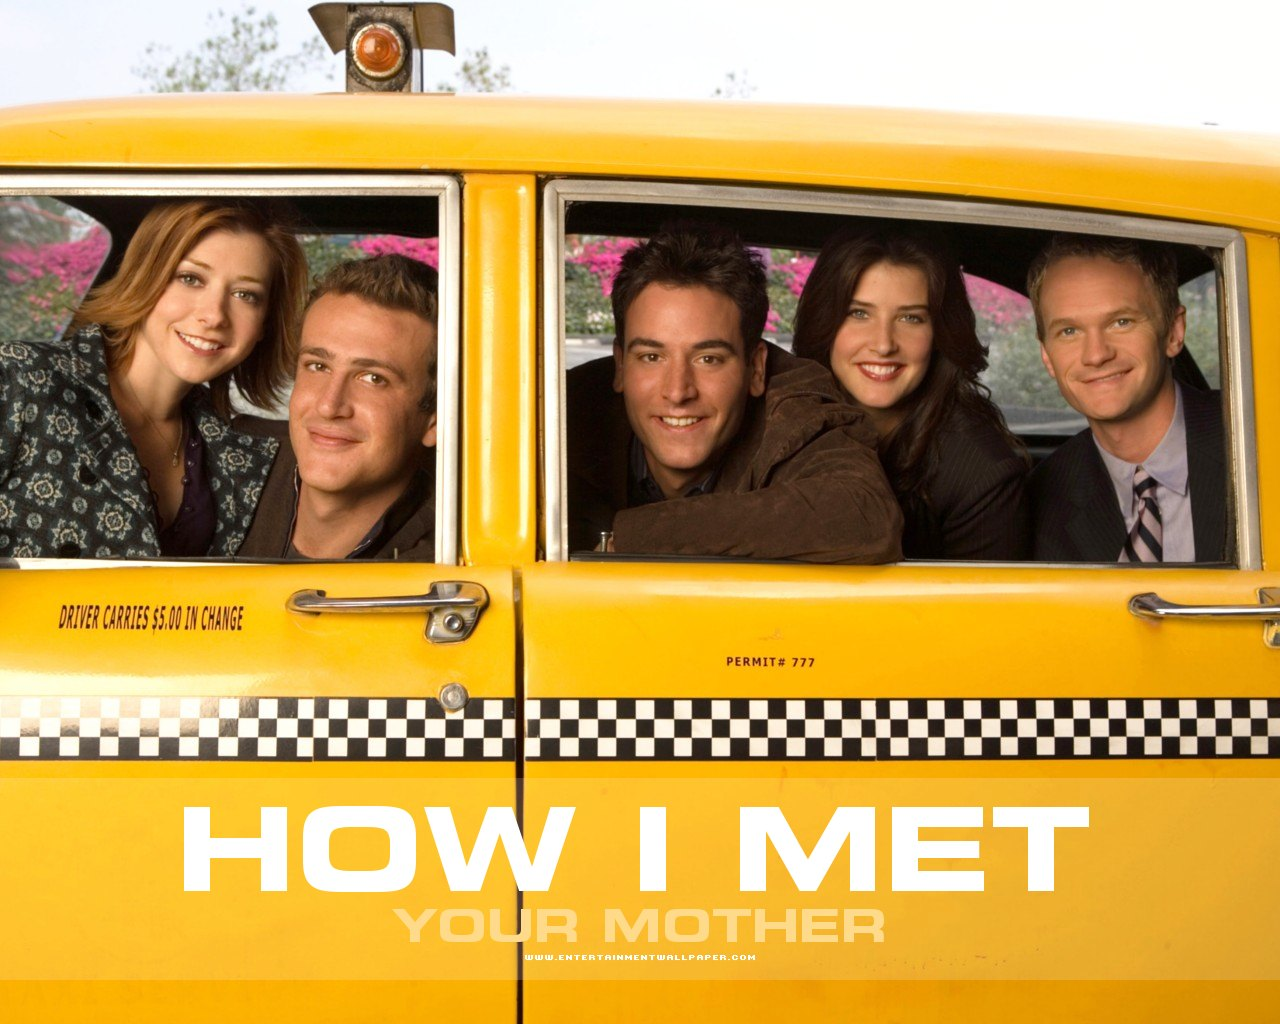 Watch How I Met Your Mother Season 5 Episode 12